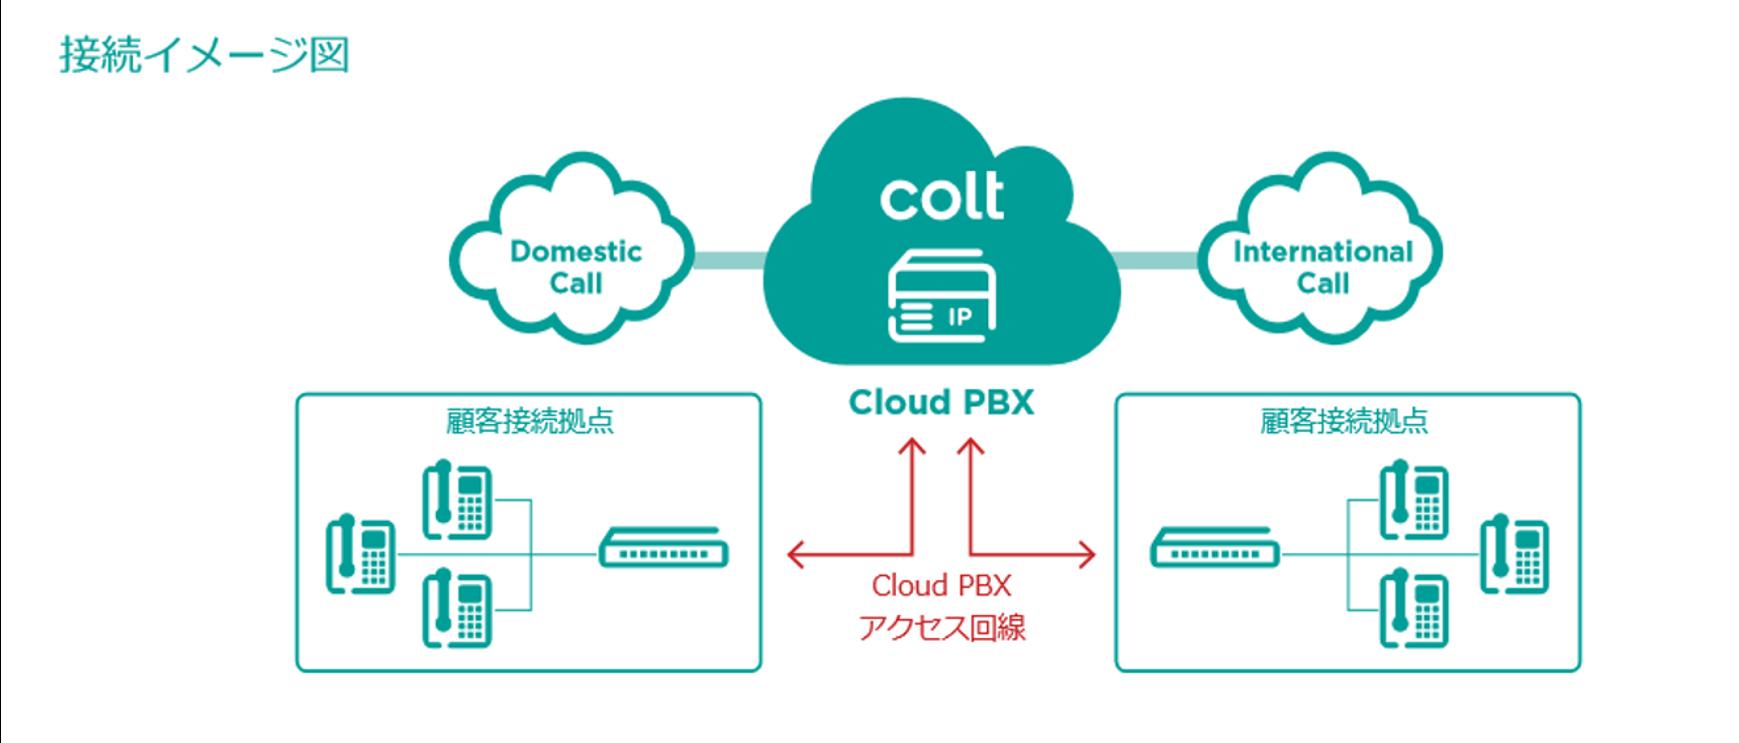 クラウドPBX 接続イメージ図